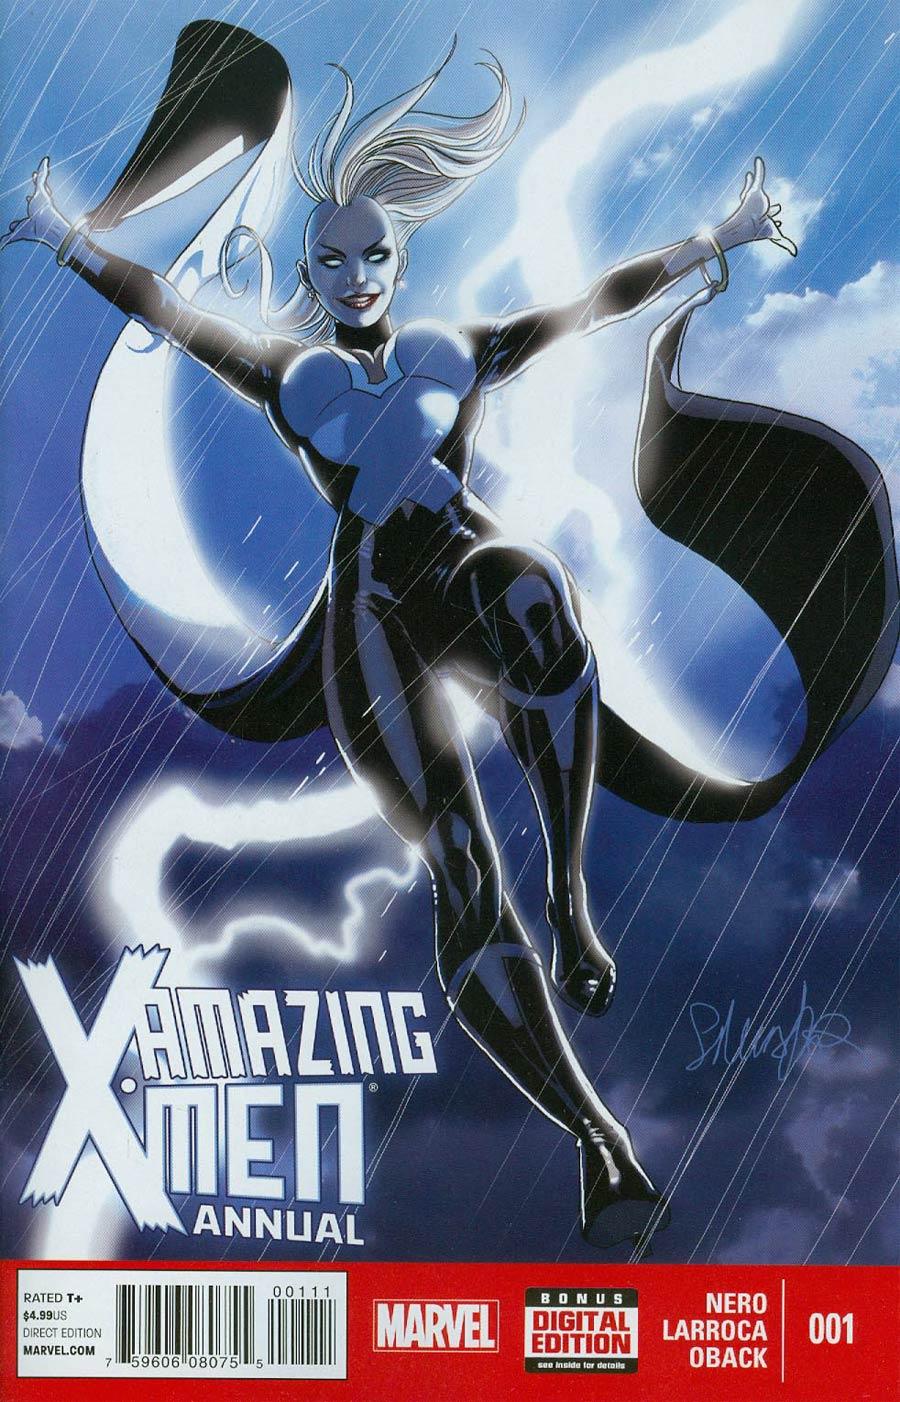 Amazing X-Men Vol 2 Annual #1